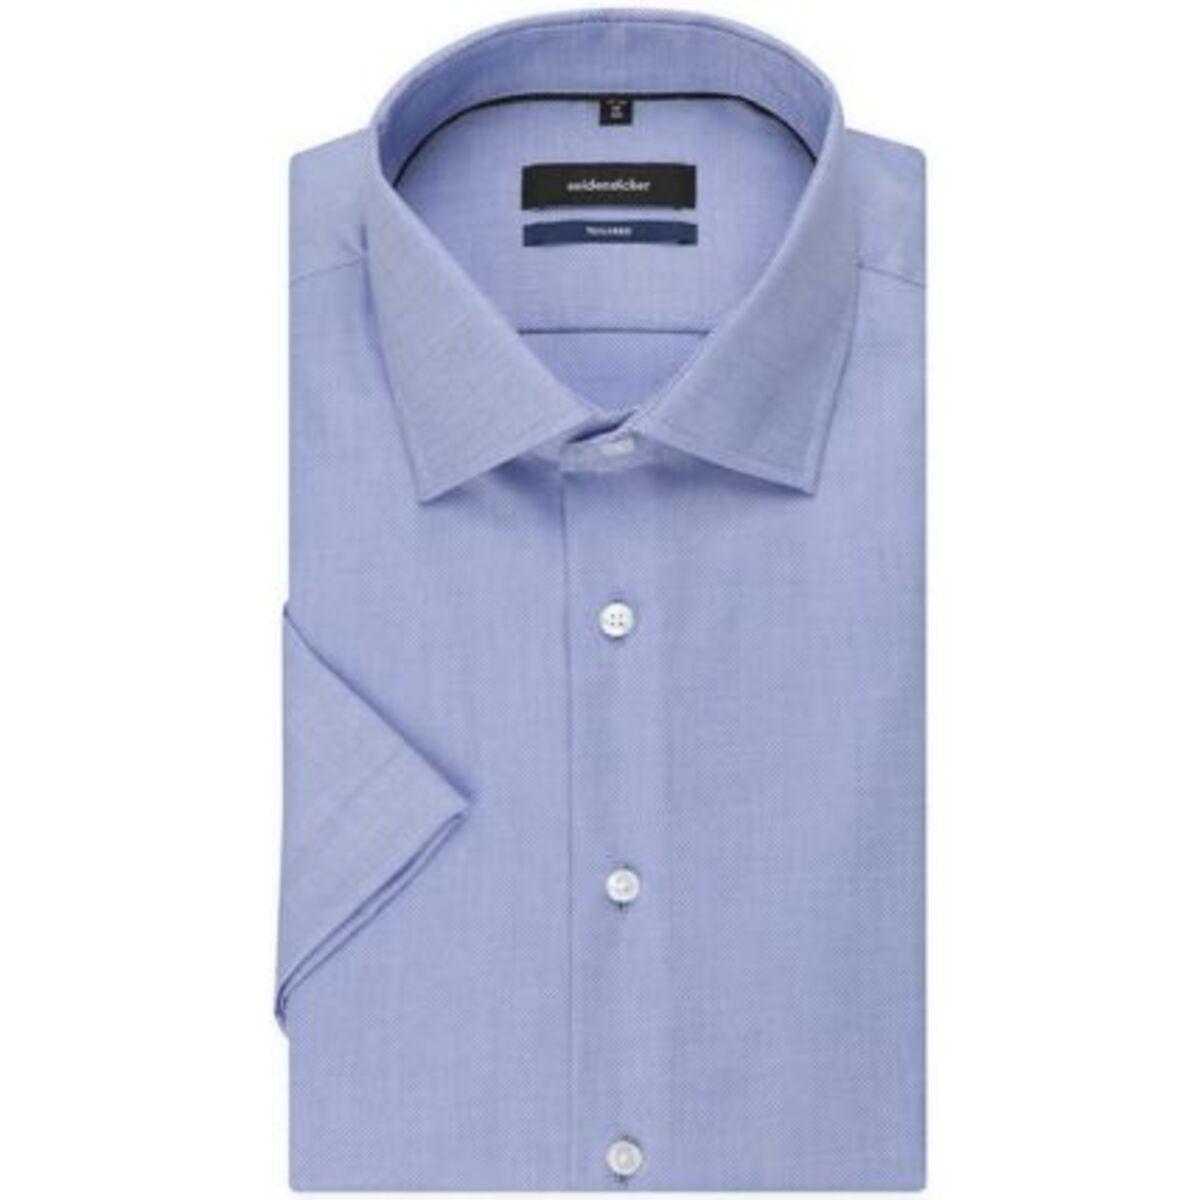 Bild 3 von Seidensticker Business Hemd Tailored Kurzarm Kentkragen Uni, mittelblau